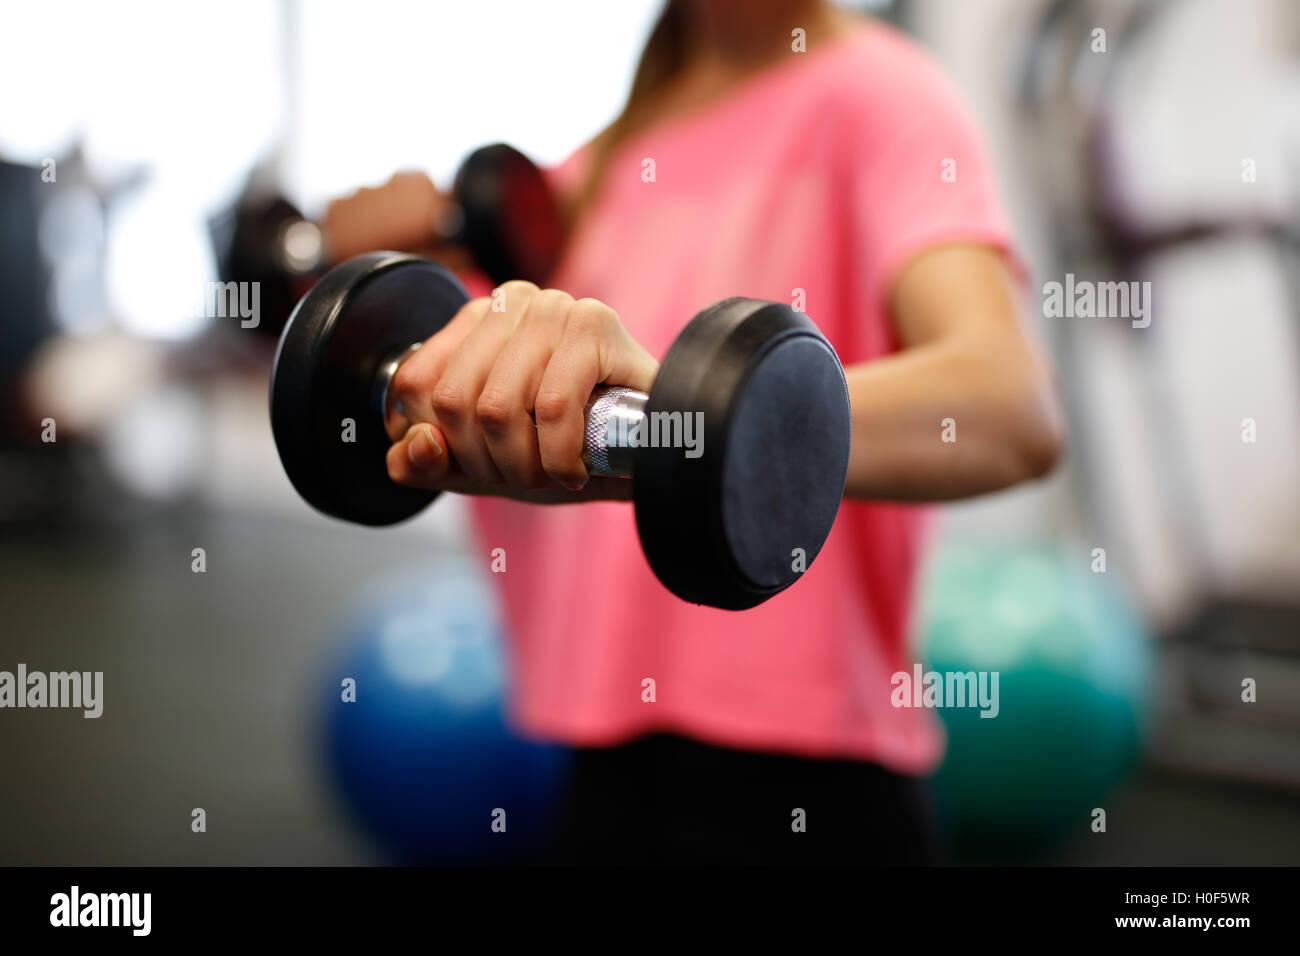 Sport Sport fitness femme à la formation de poids pour la beauté du corps. Filles fitness avec haltères. Photo Stock